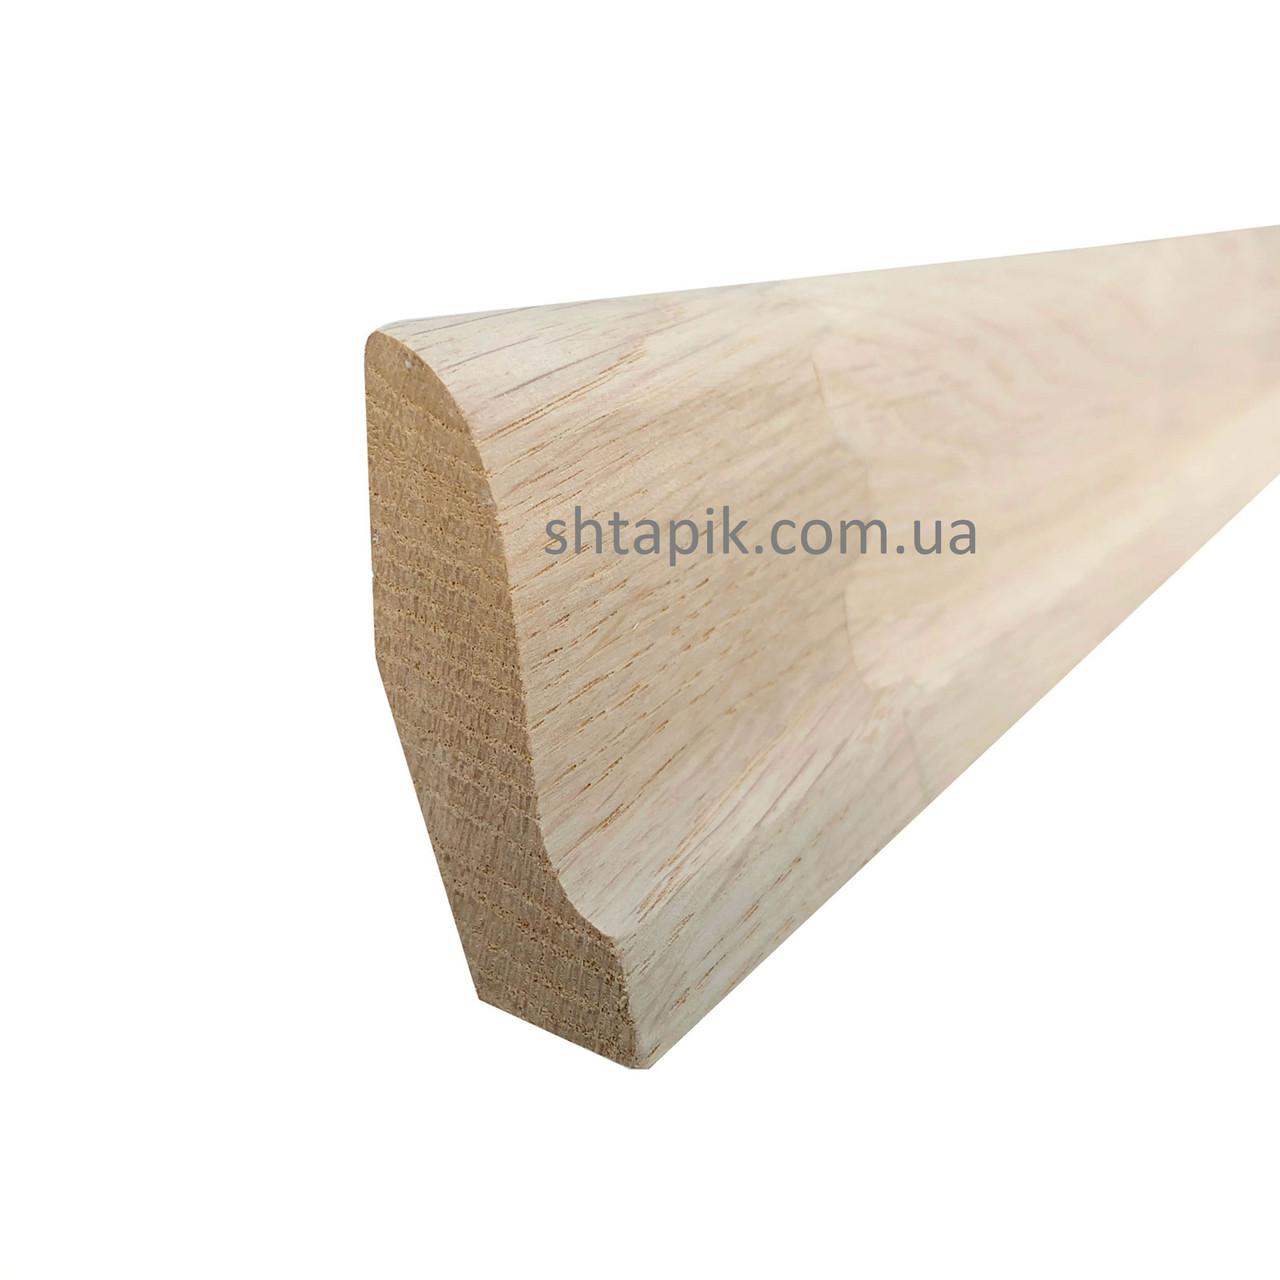 Плінтус дерев'яний 25х52х2500 мм Дуб